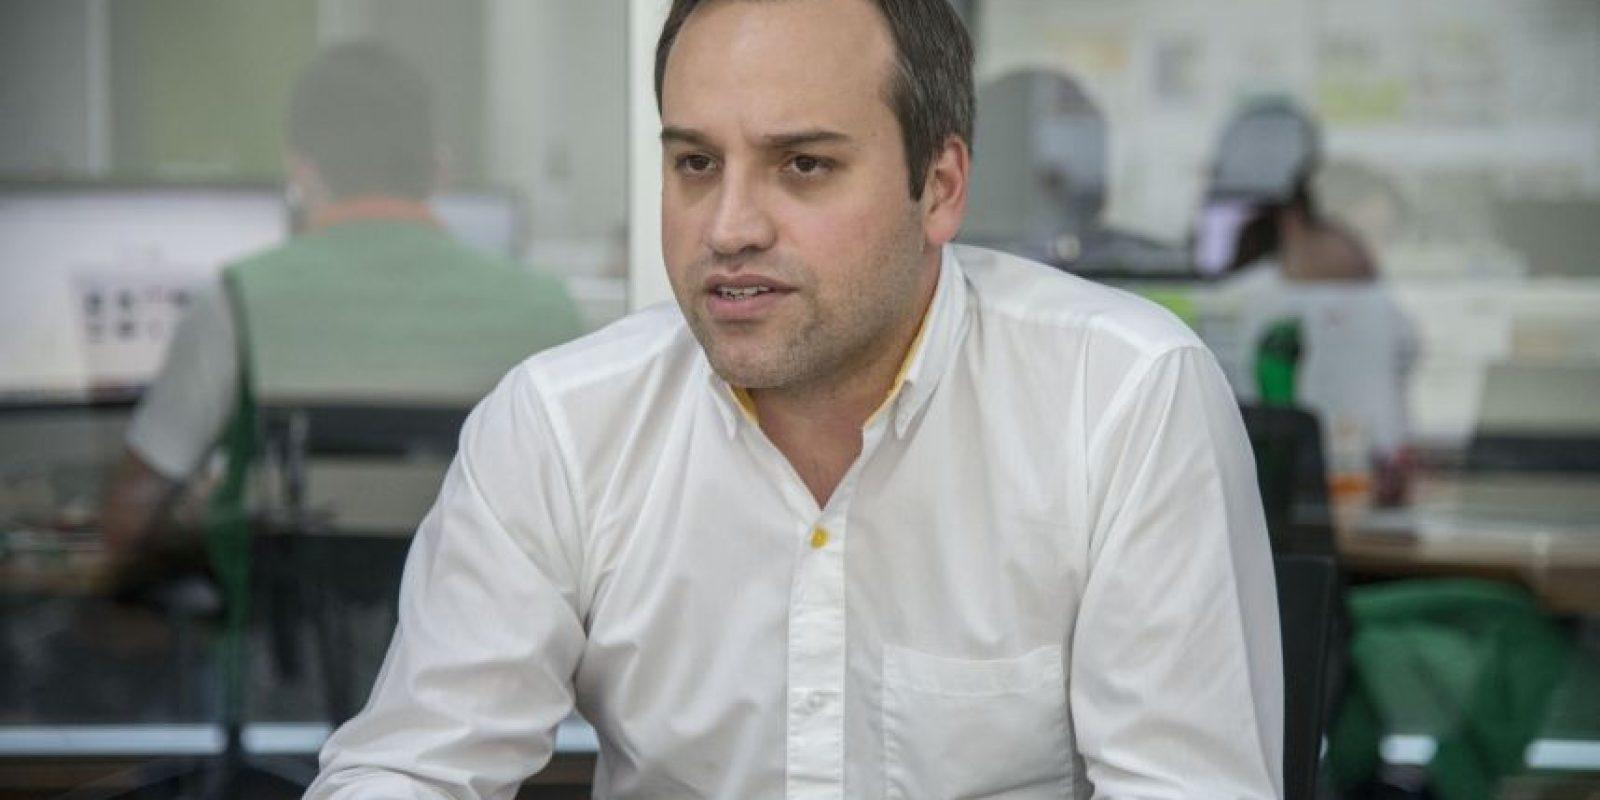 Diego Velázquez, Brand Manager de Renault, explicó los beneficios de los vehículos eléctricos. Foto:Luis Carlos Nájera